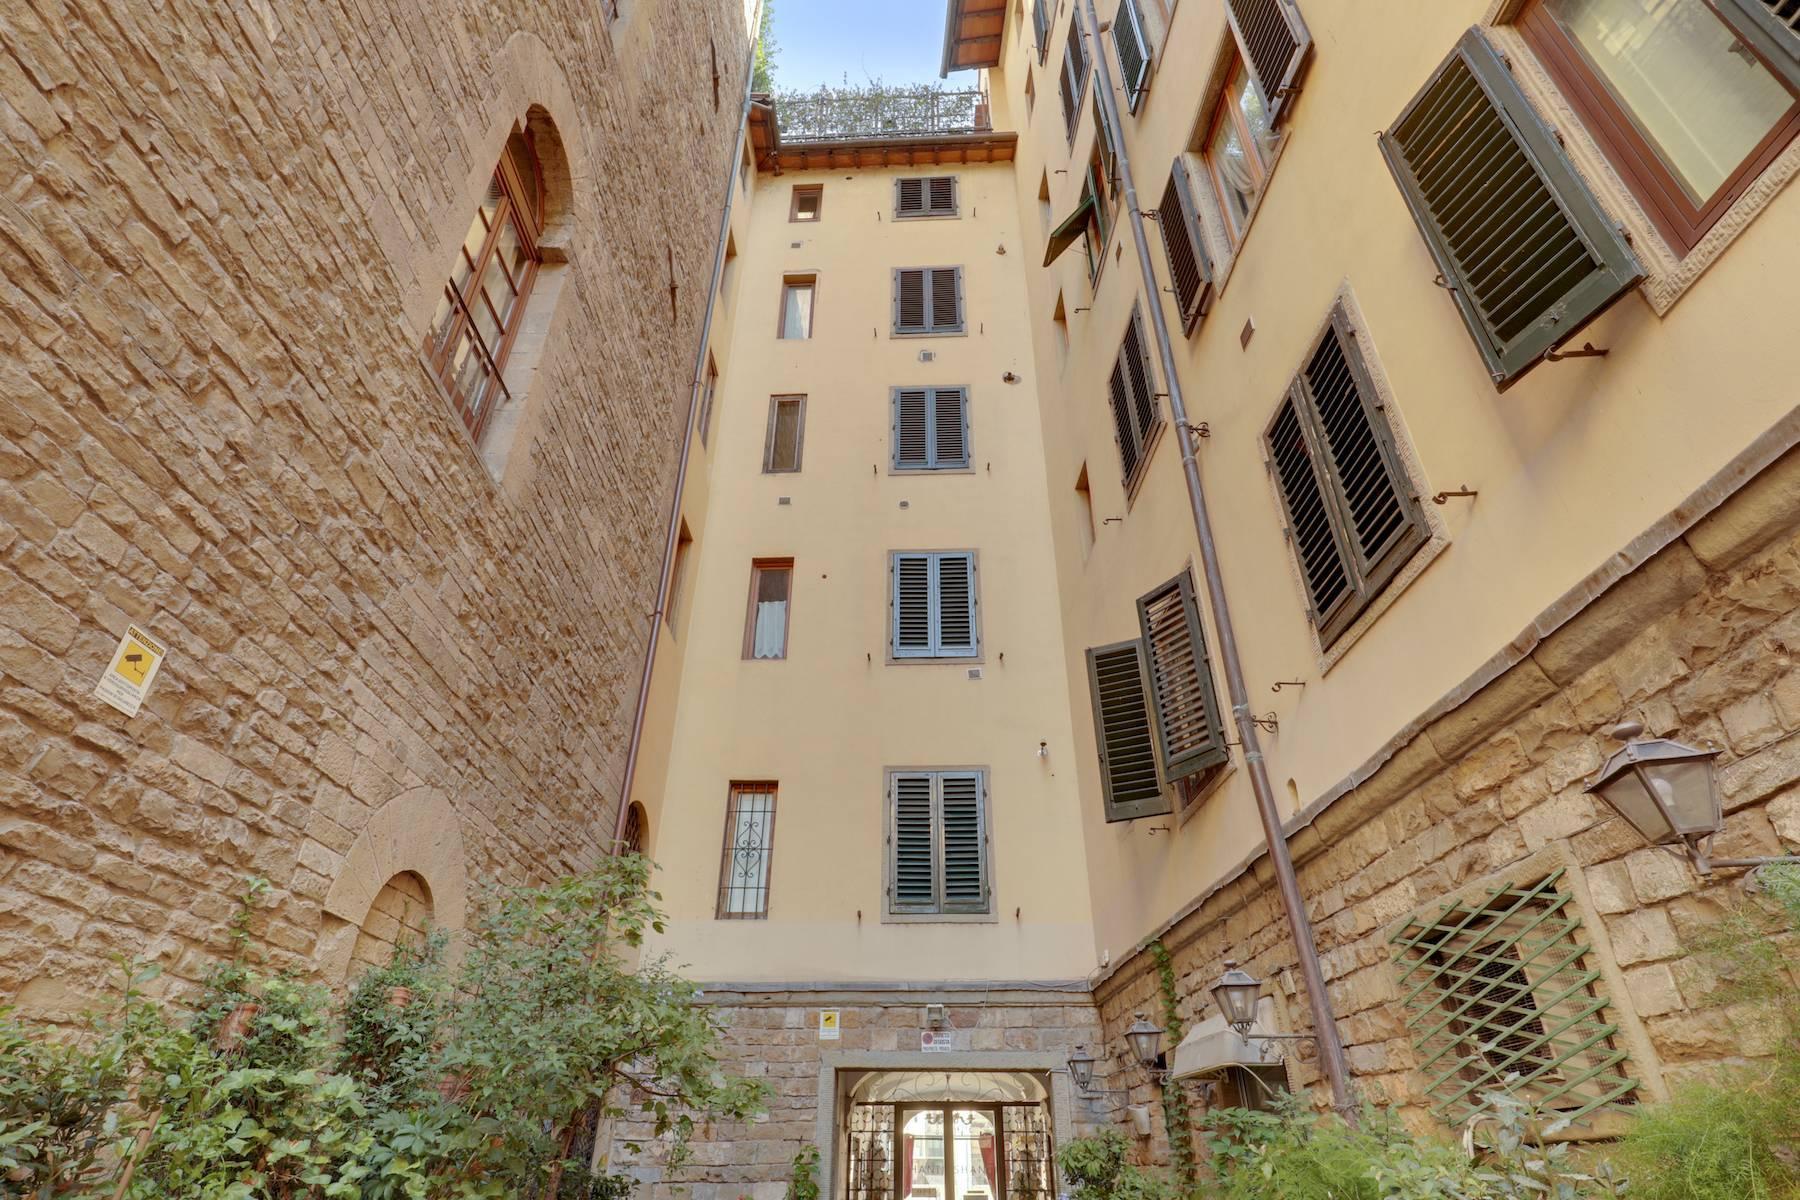 Шикарные апартаменты рядом с Понте Веккьо - 4